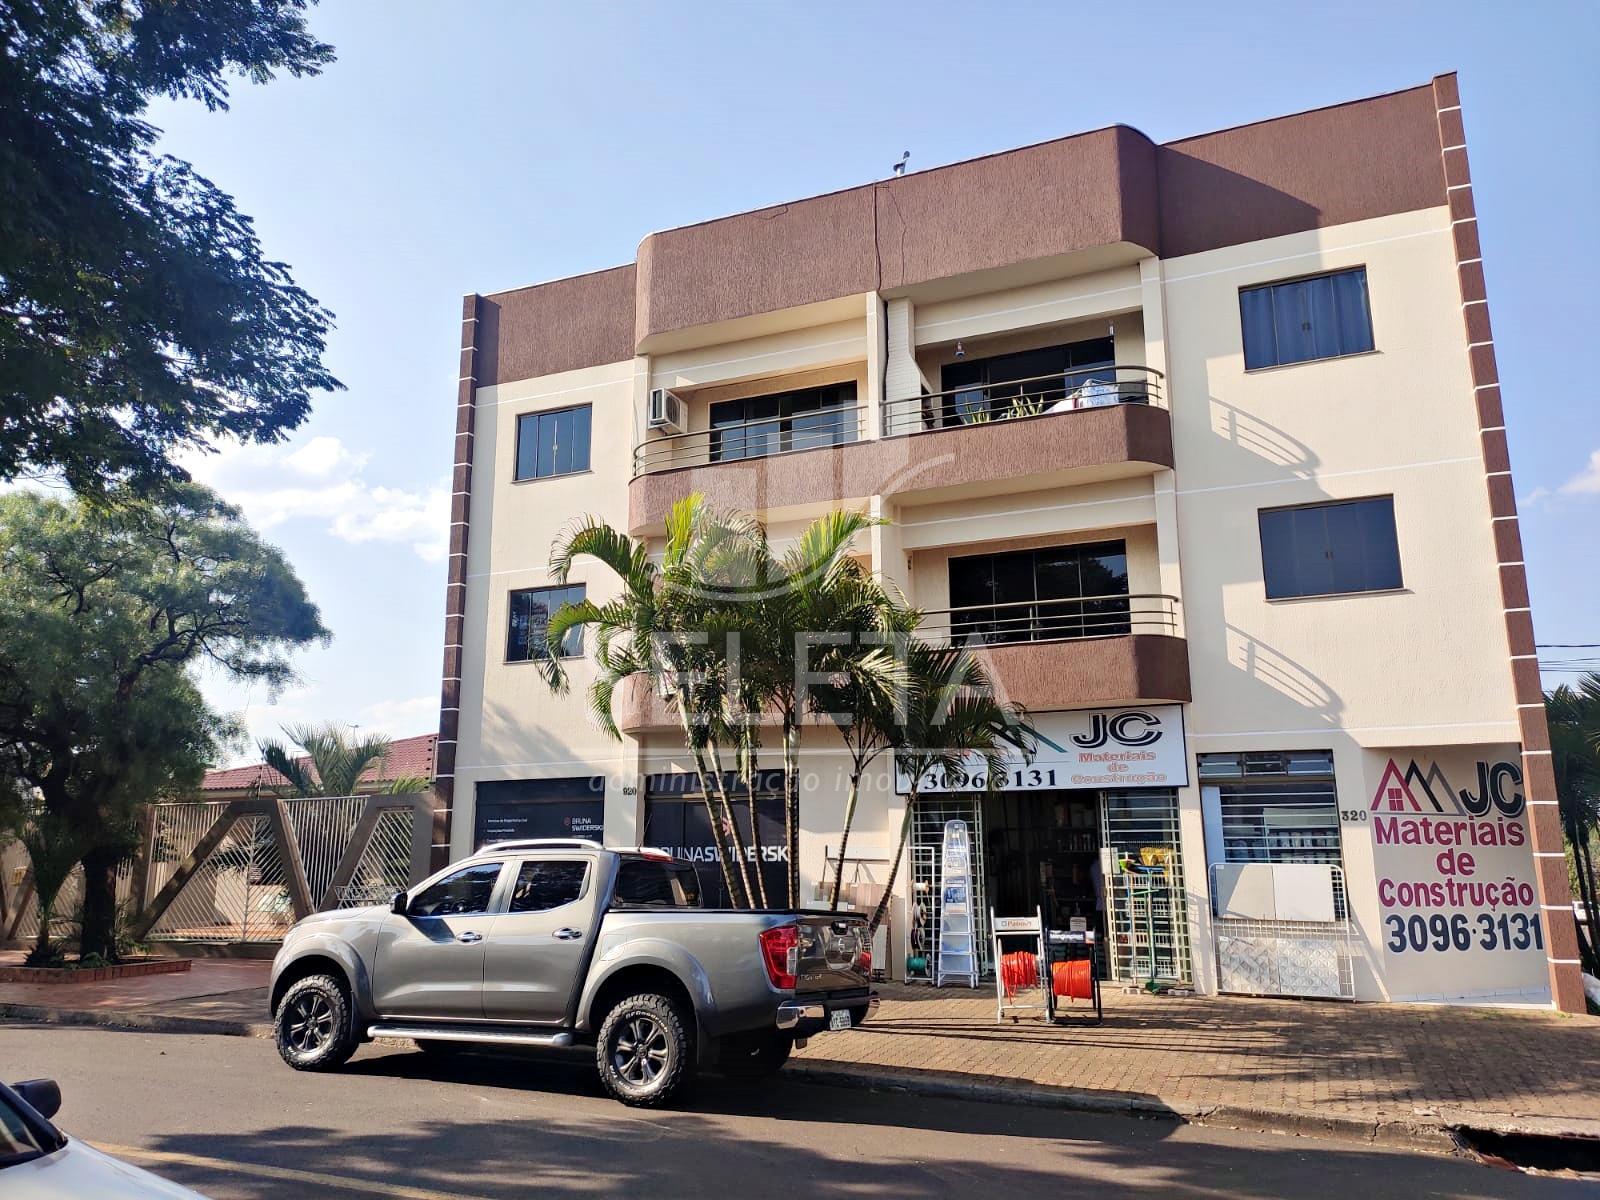 Apartamento com 3 dormitórios para locação, CASCAVEL - PR